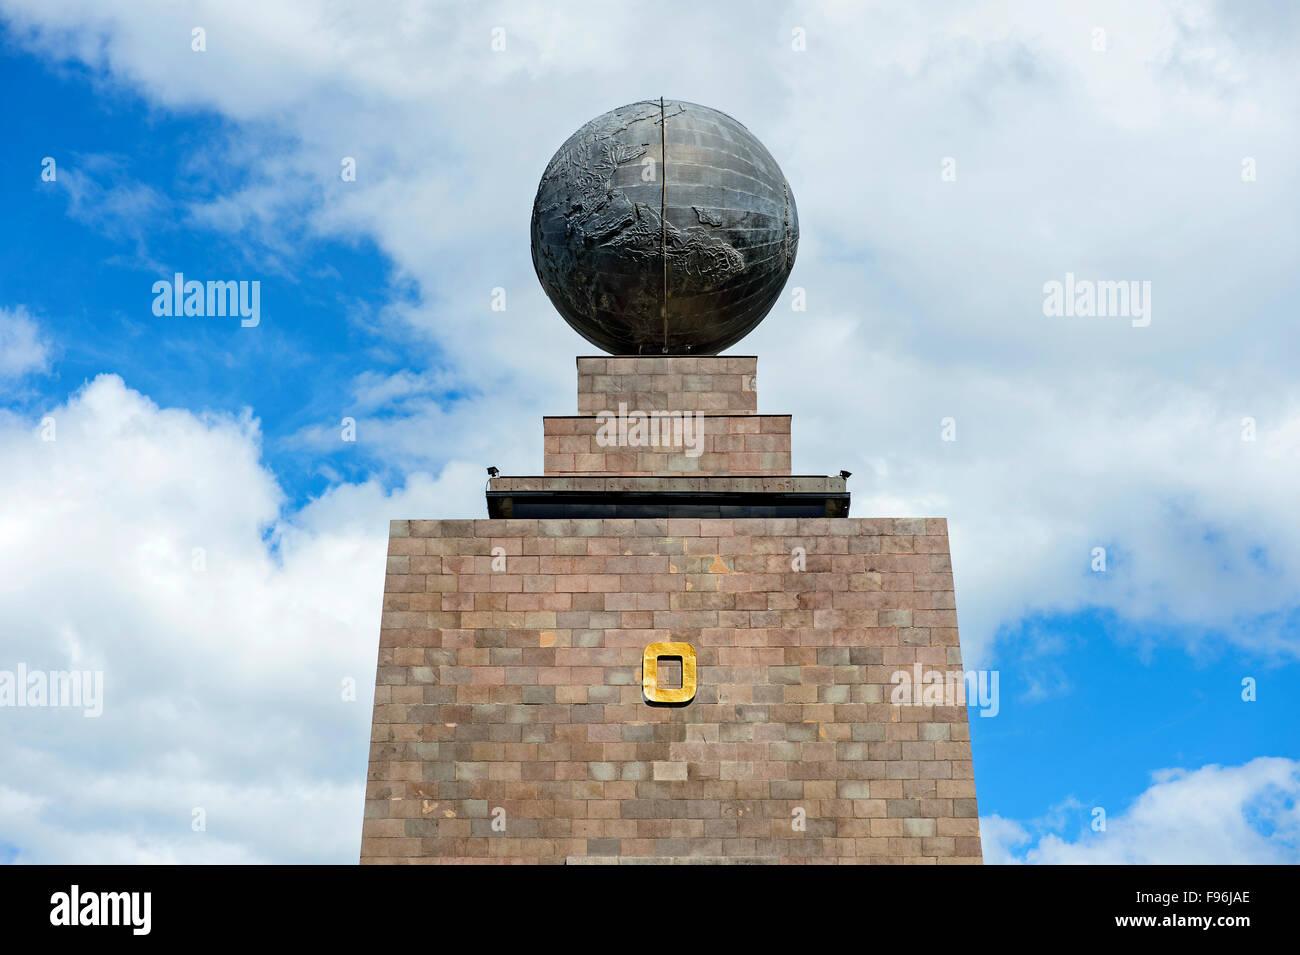 Eastern side of the Equatorial Monument, La Mitad del Mundo, center of the world, Ciudad Mitad del Mundo - Stock Image